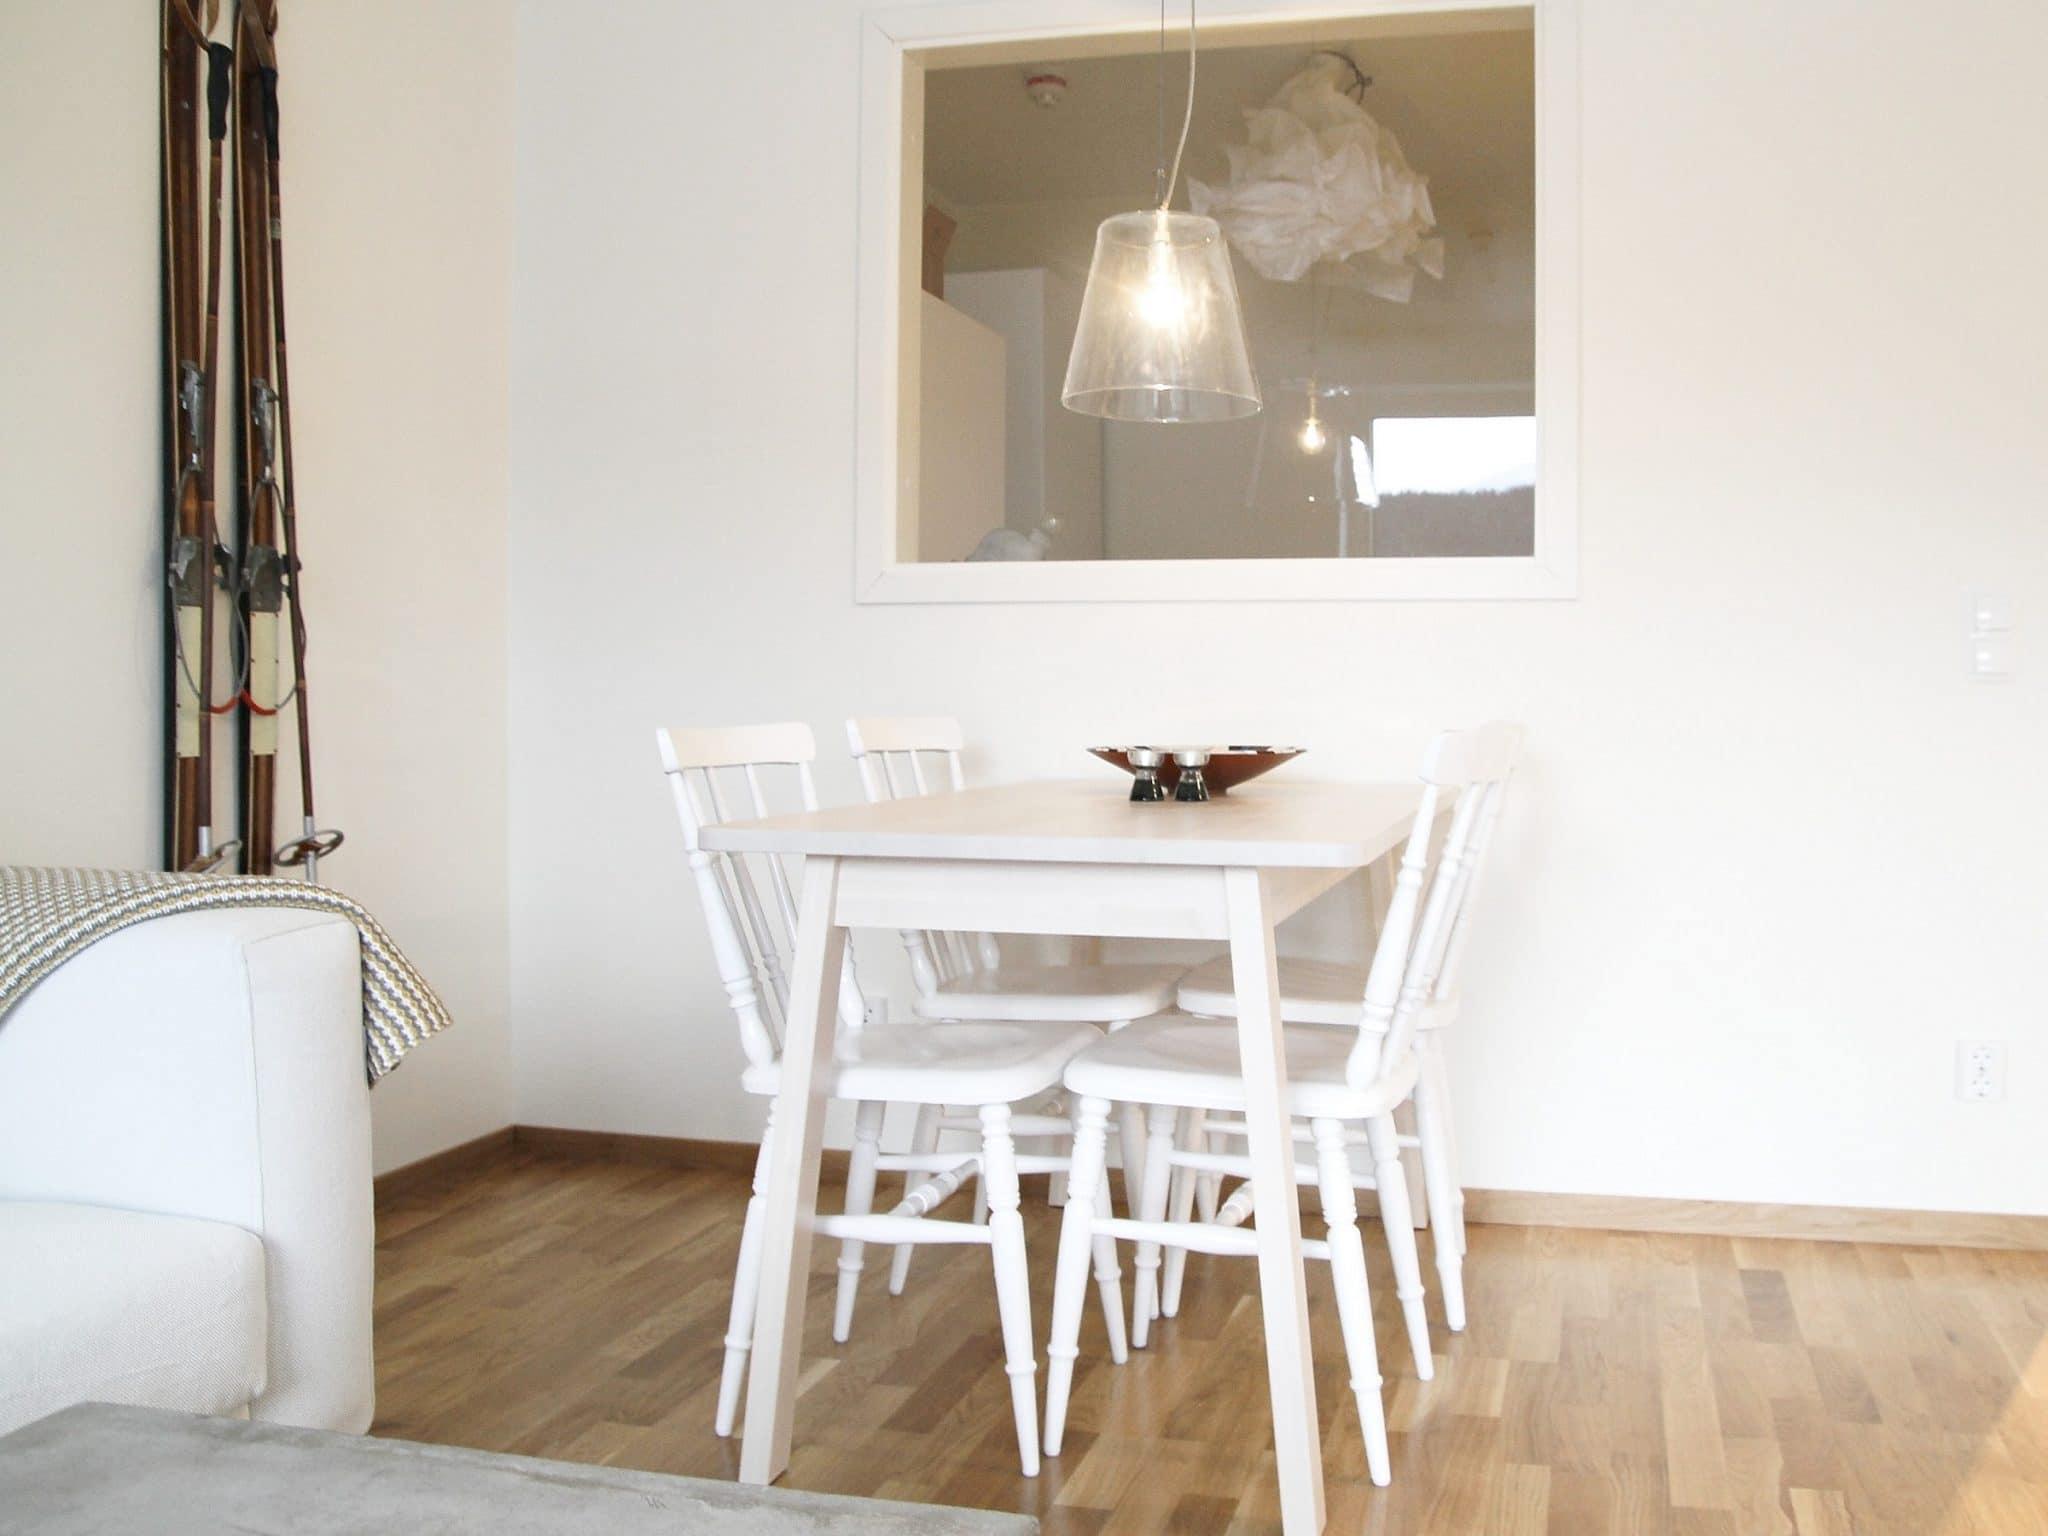 Vitt köksbord på Årevägen 130 i Åre